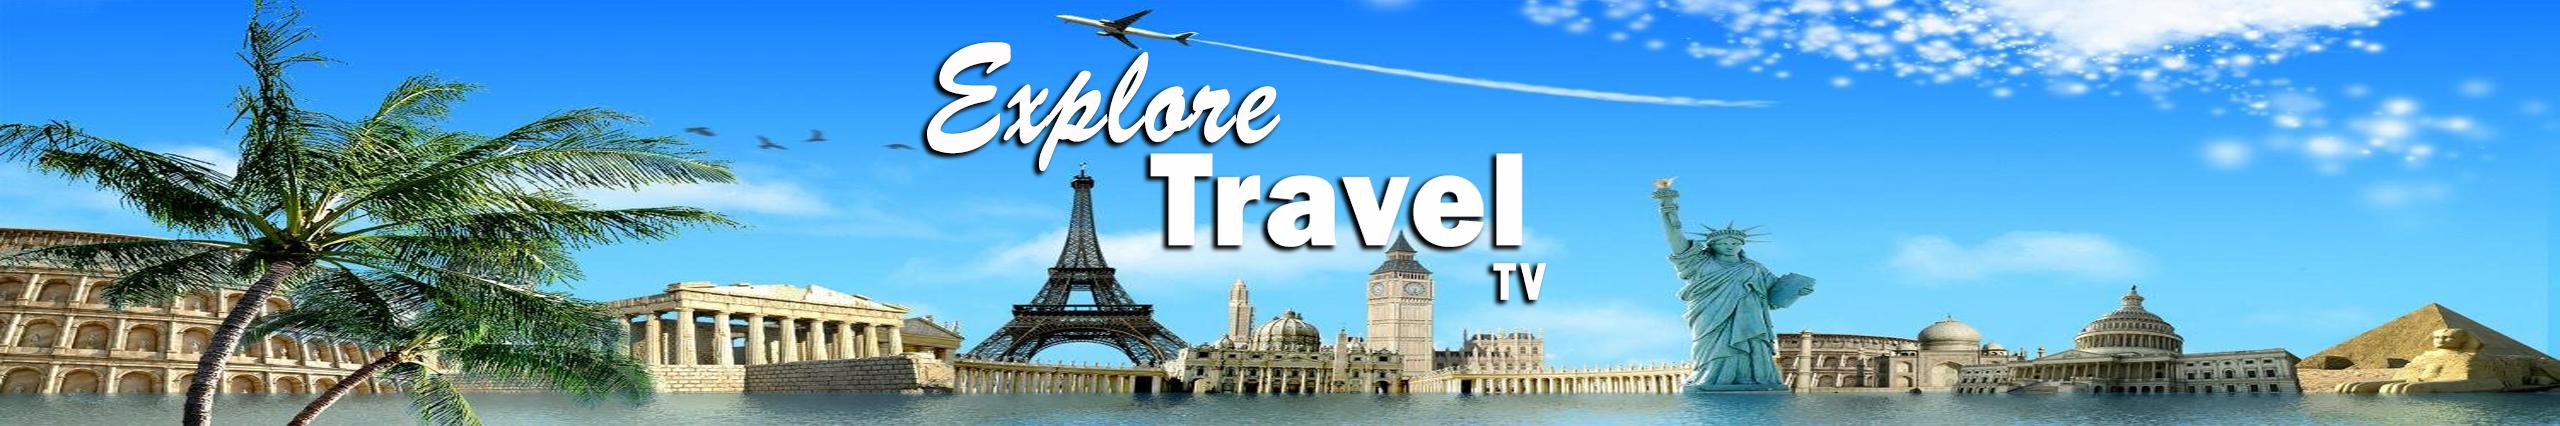 Explore Travel TV